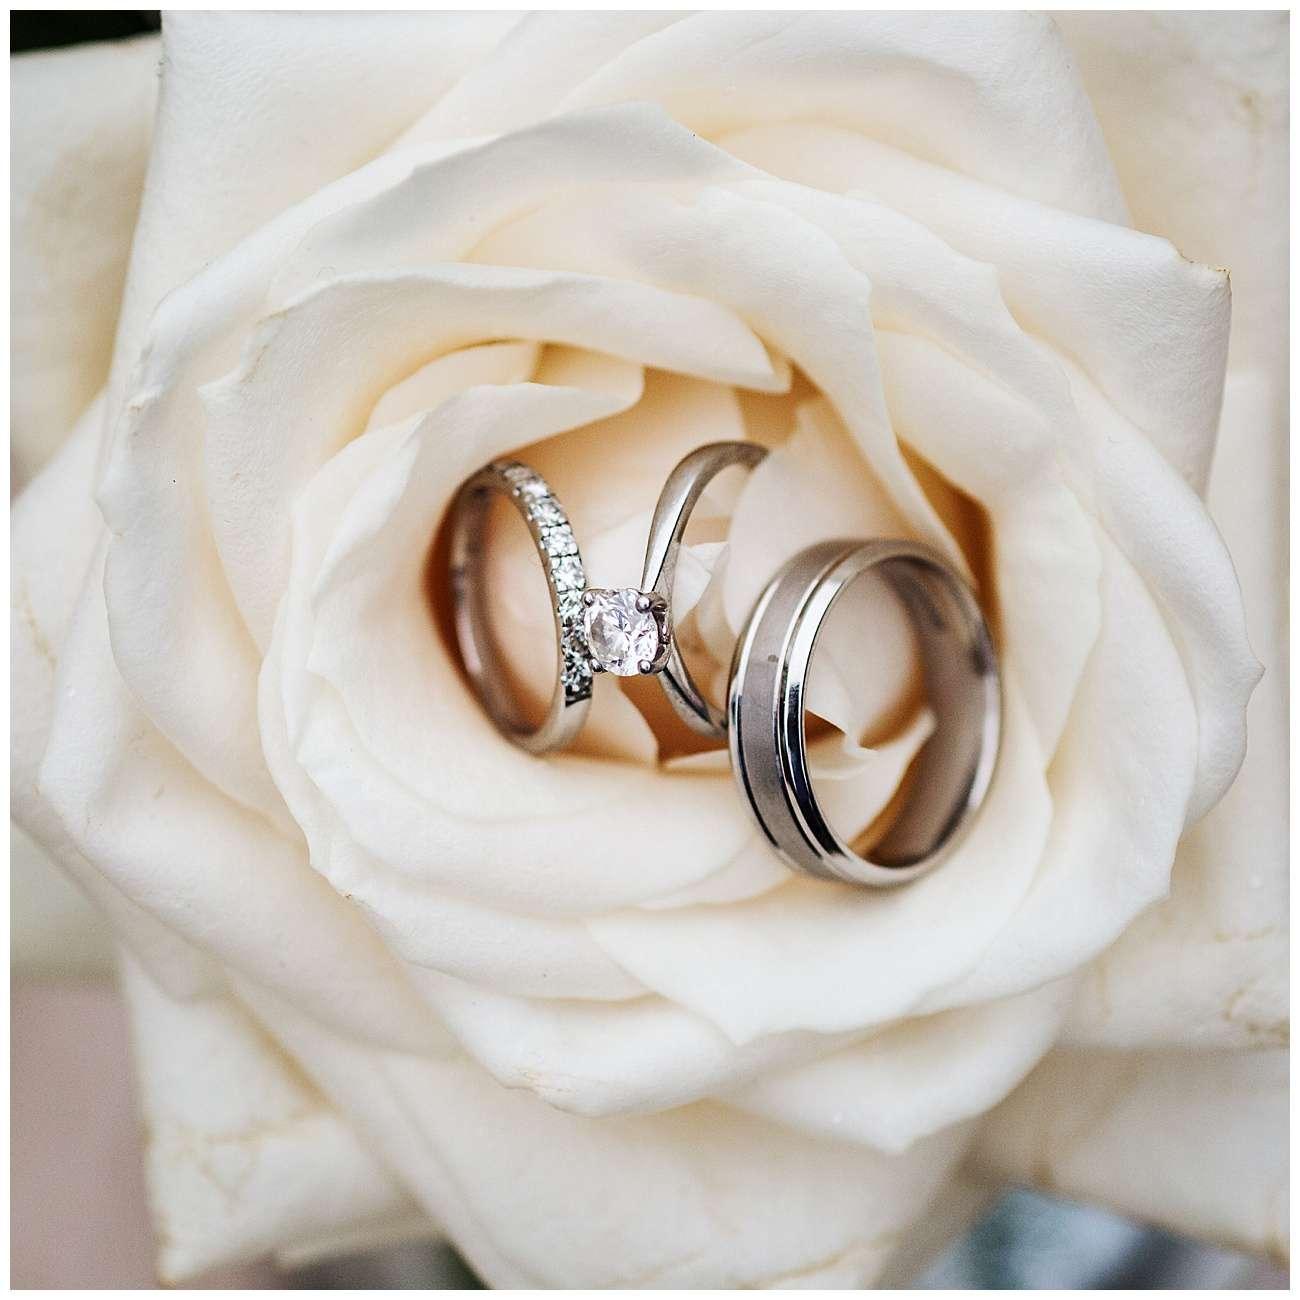 The wedding rings inside a white flower